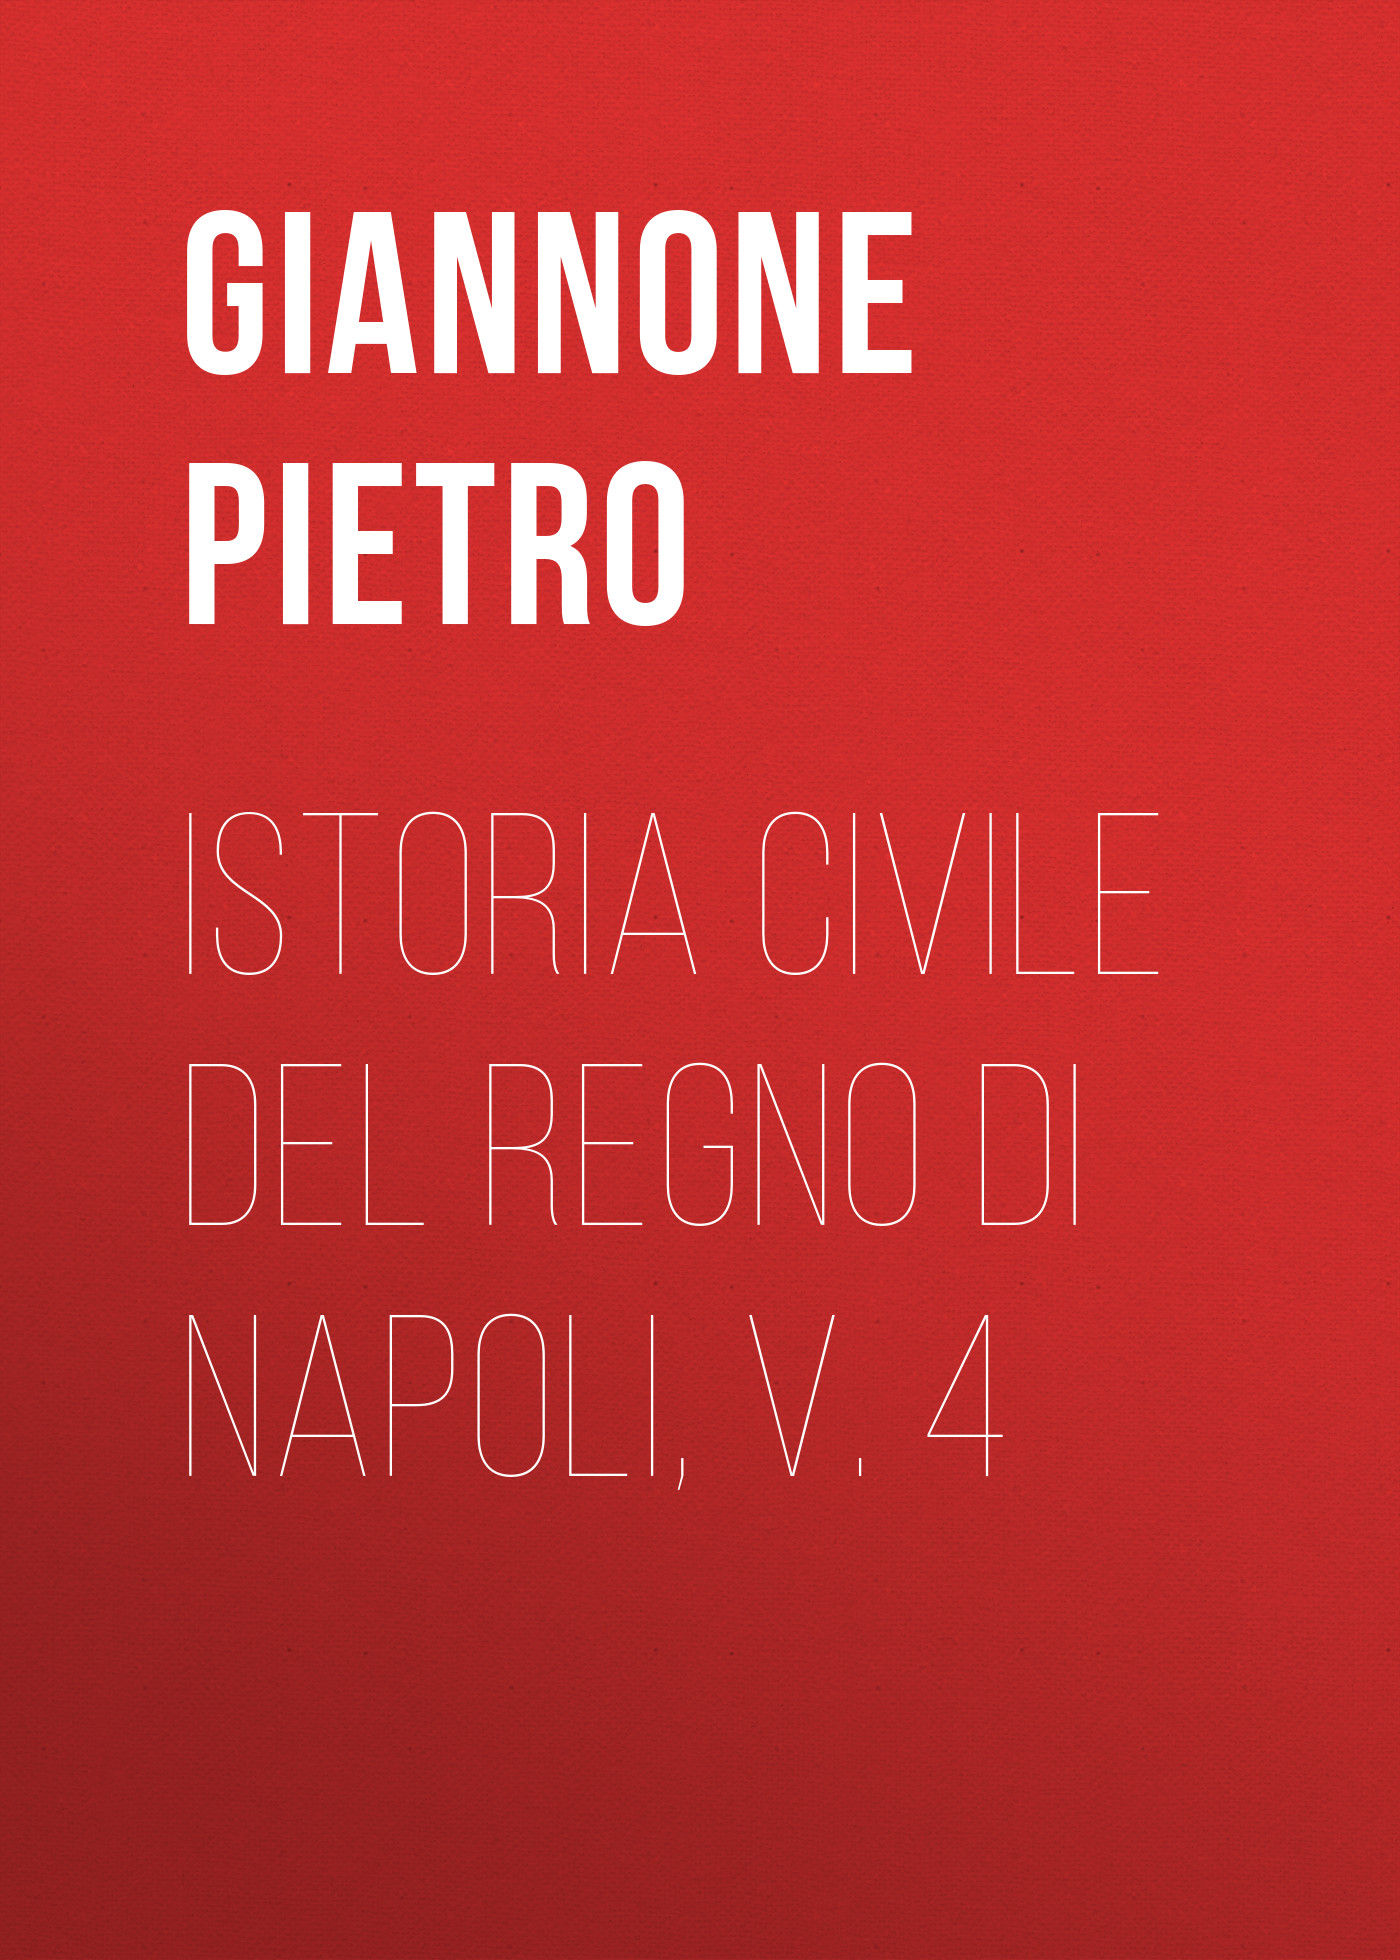 Giannone Pietro Istoria civile del Regno di Napoli, v. 4 lewis goldsmith istoria segreta del gabinetto di buonaparte